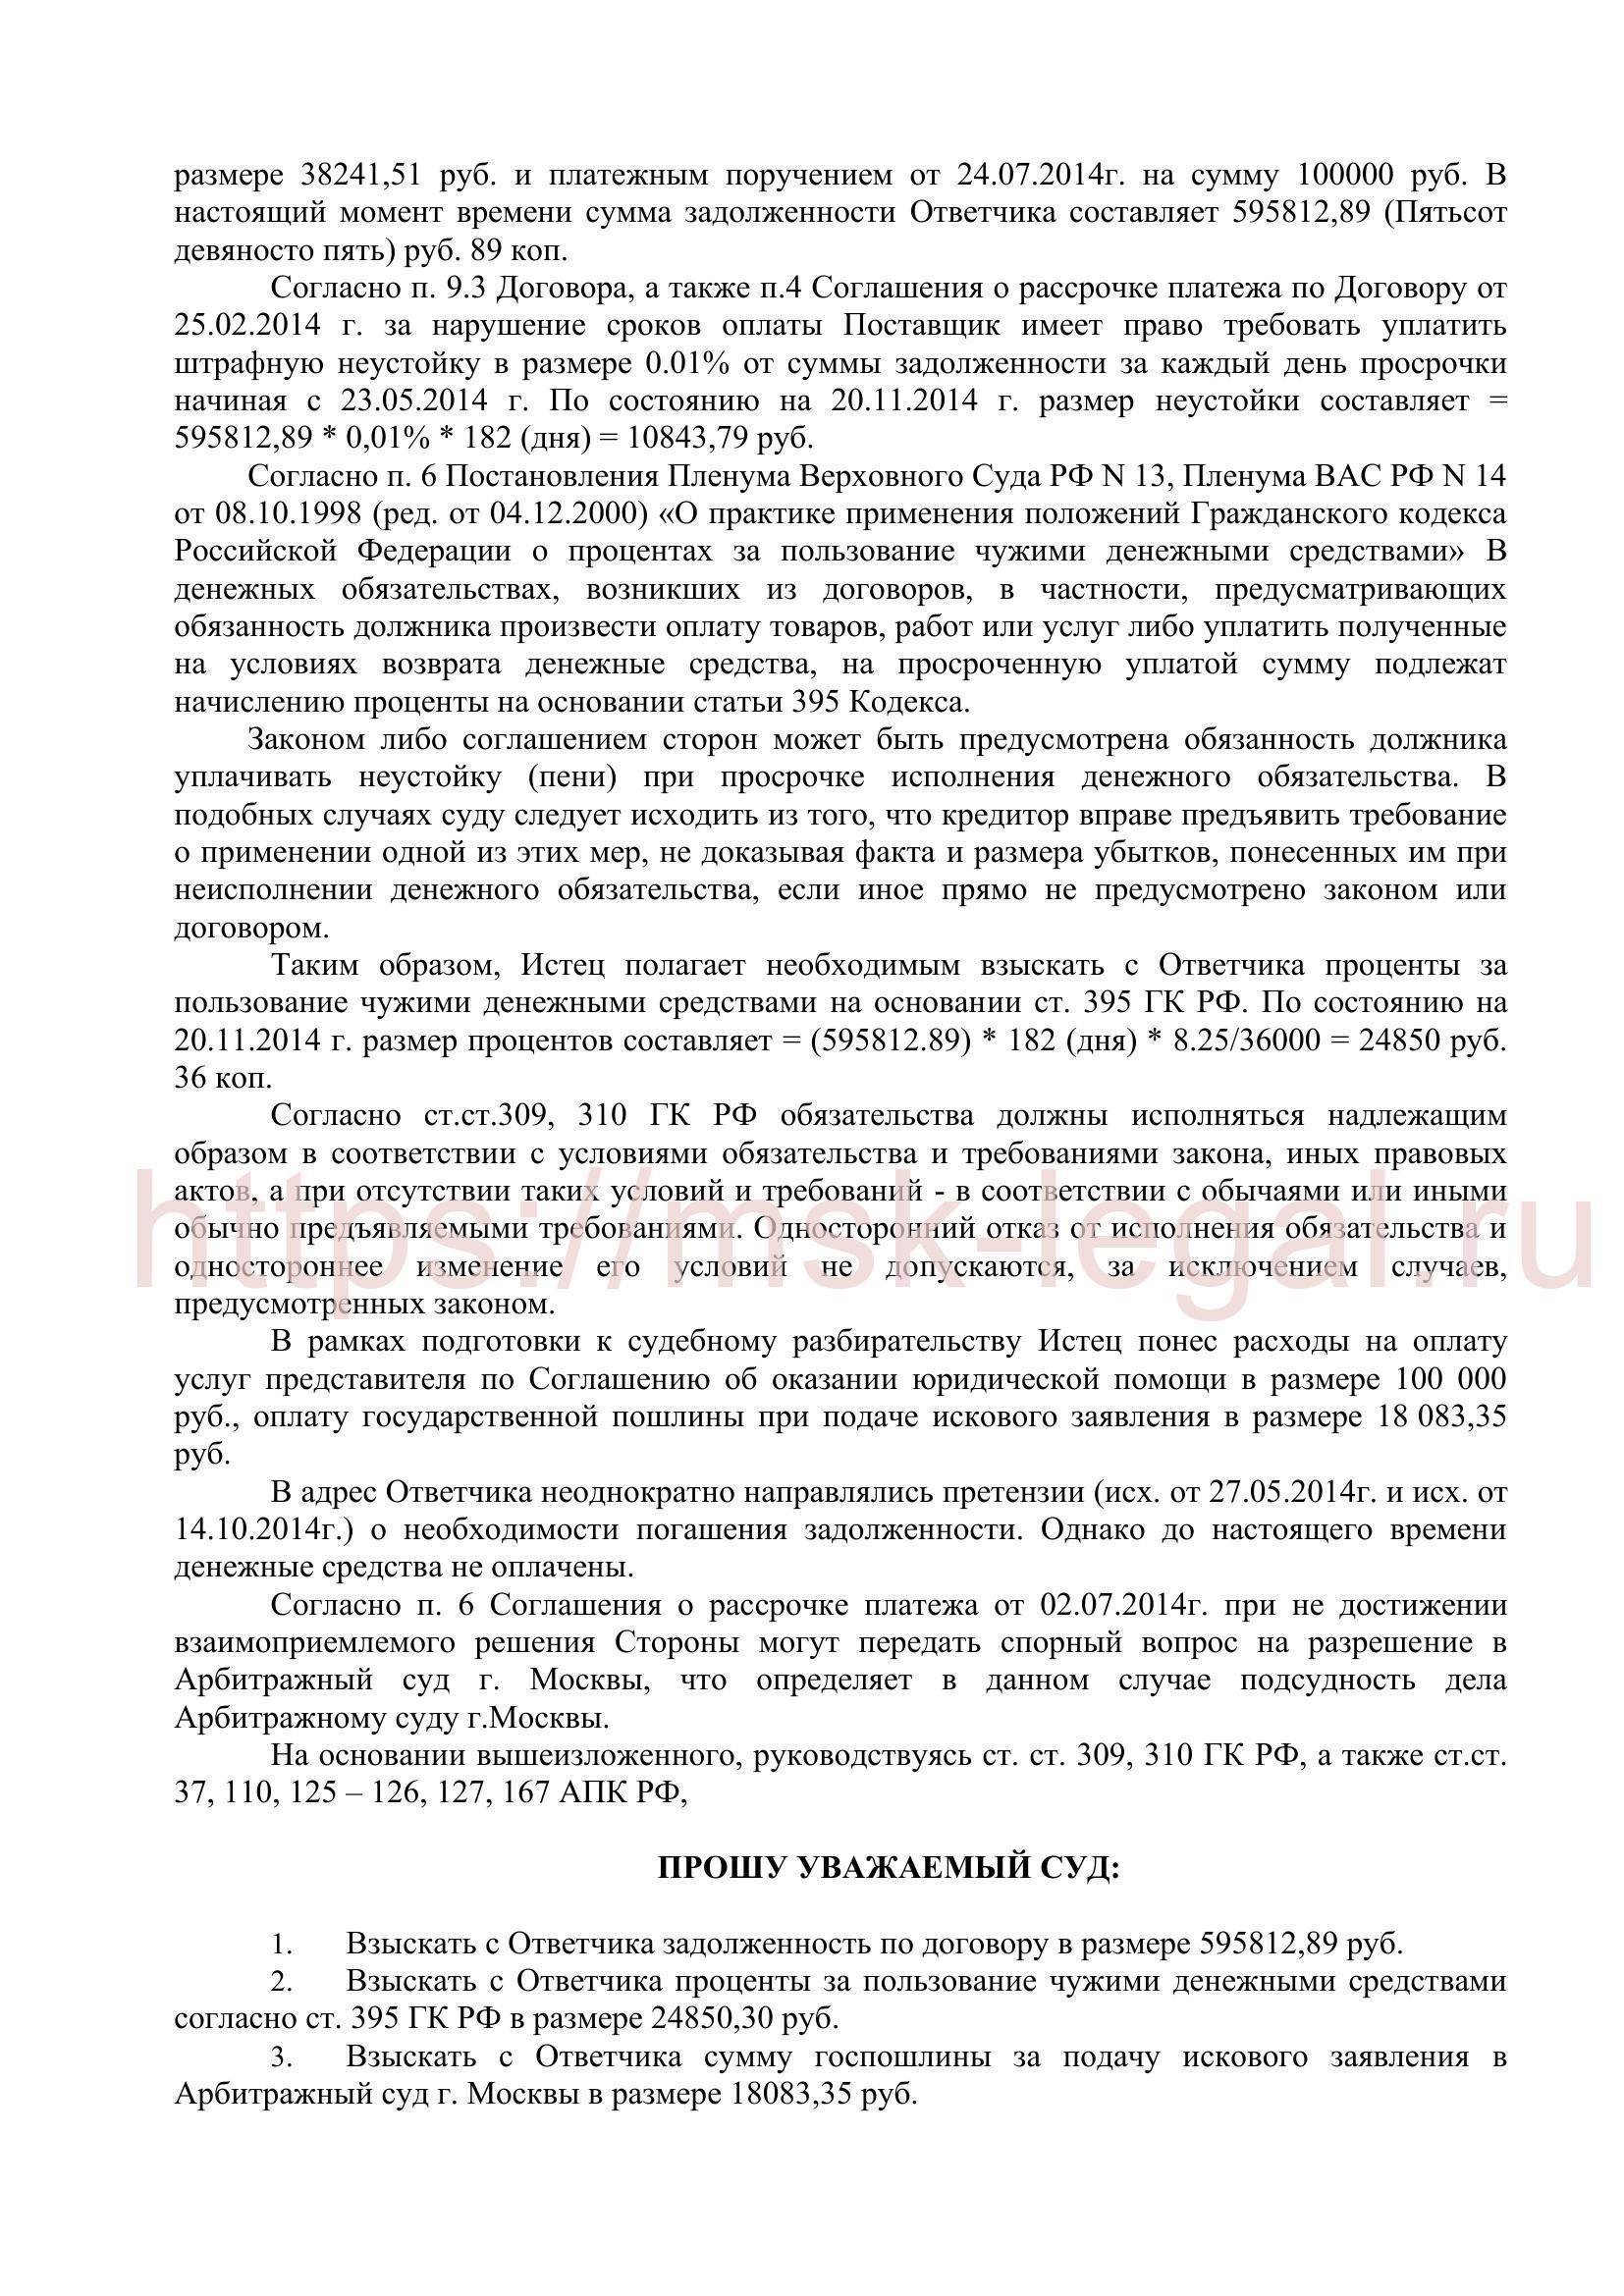 Иск о взыскании задолженности по договору поставки